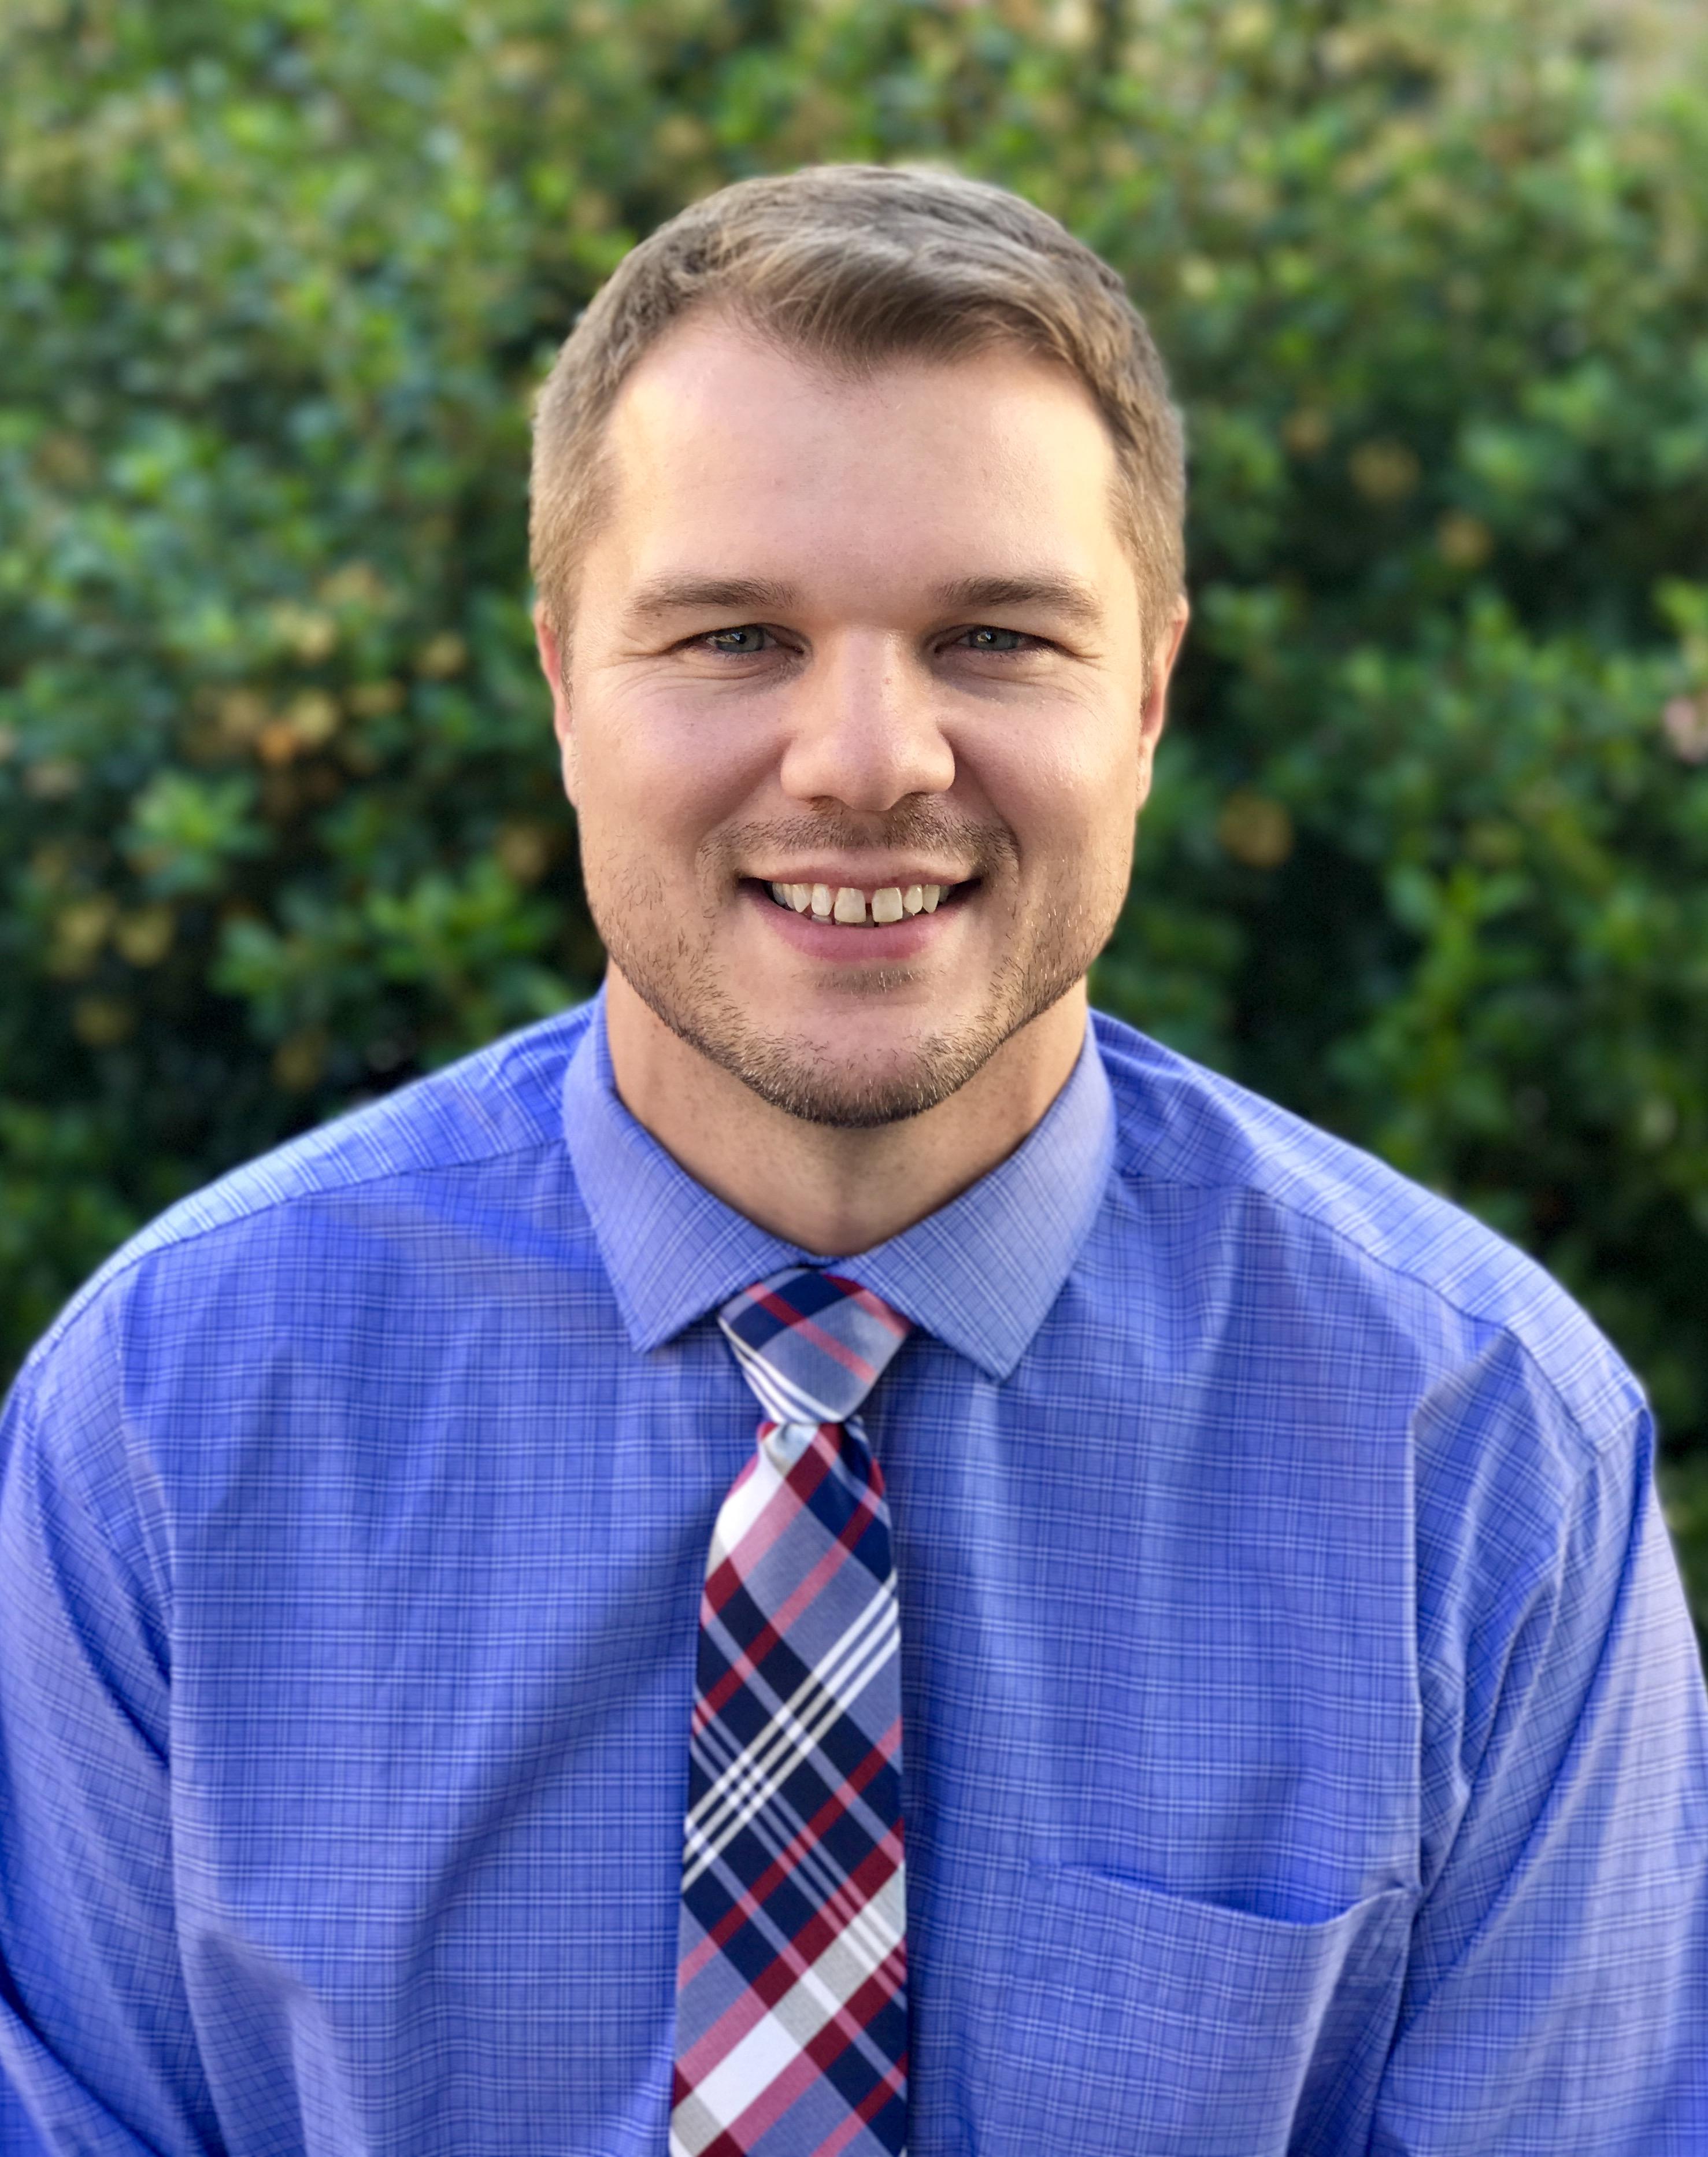 Dr. Ryan Doerge